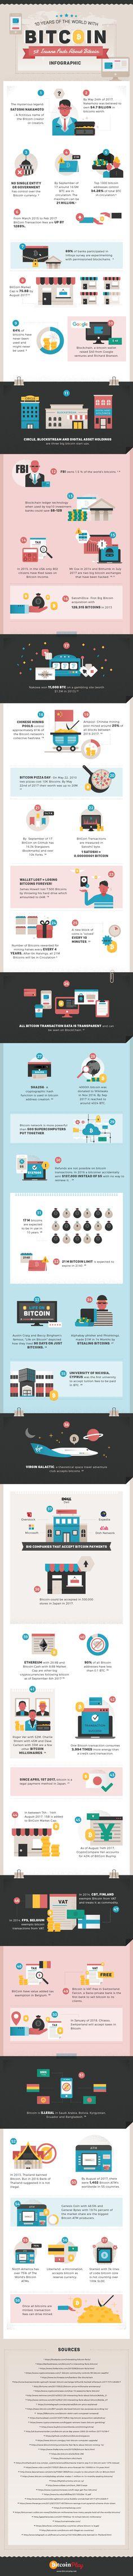 https://bitcoinplay.net/wp-content/uploads/2017/08/bitcoin-fact-01-1.png